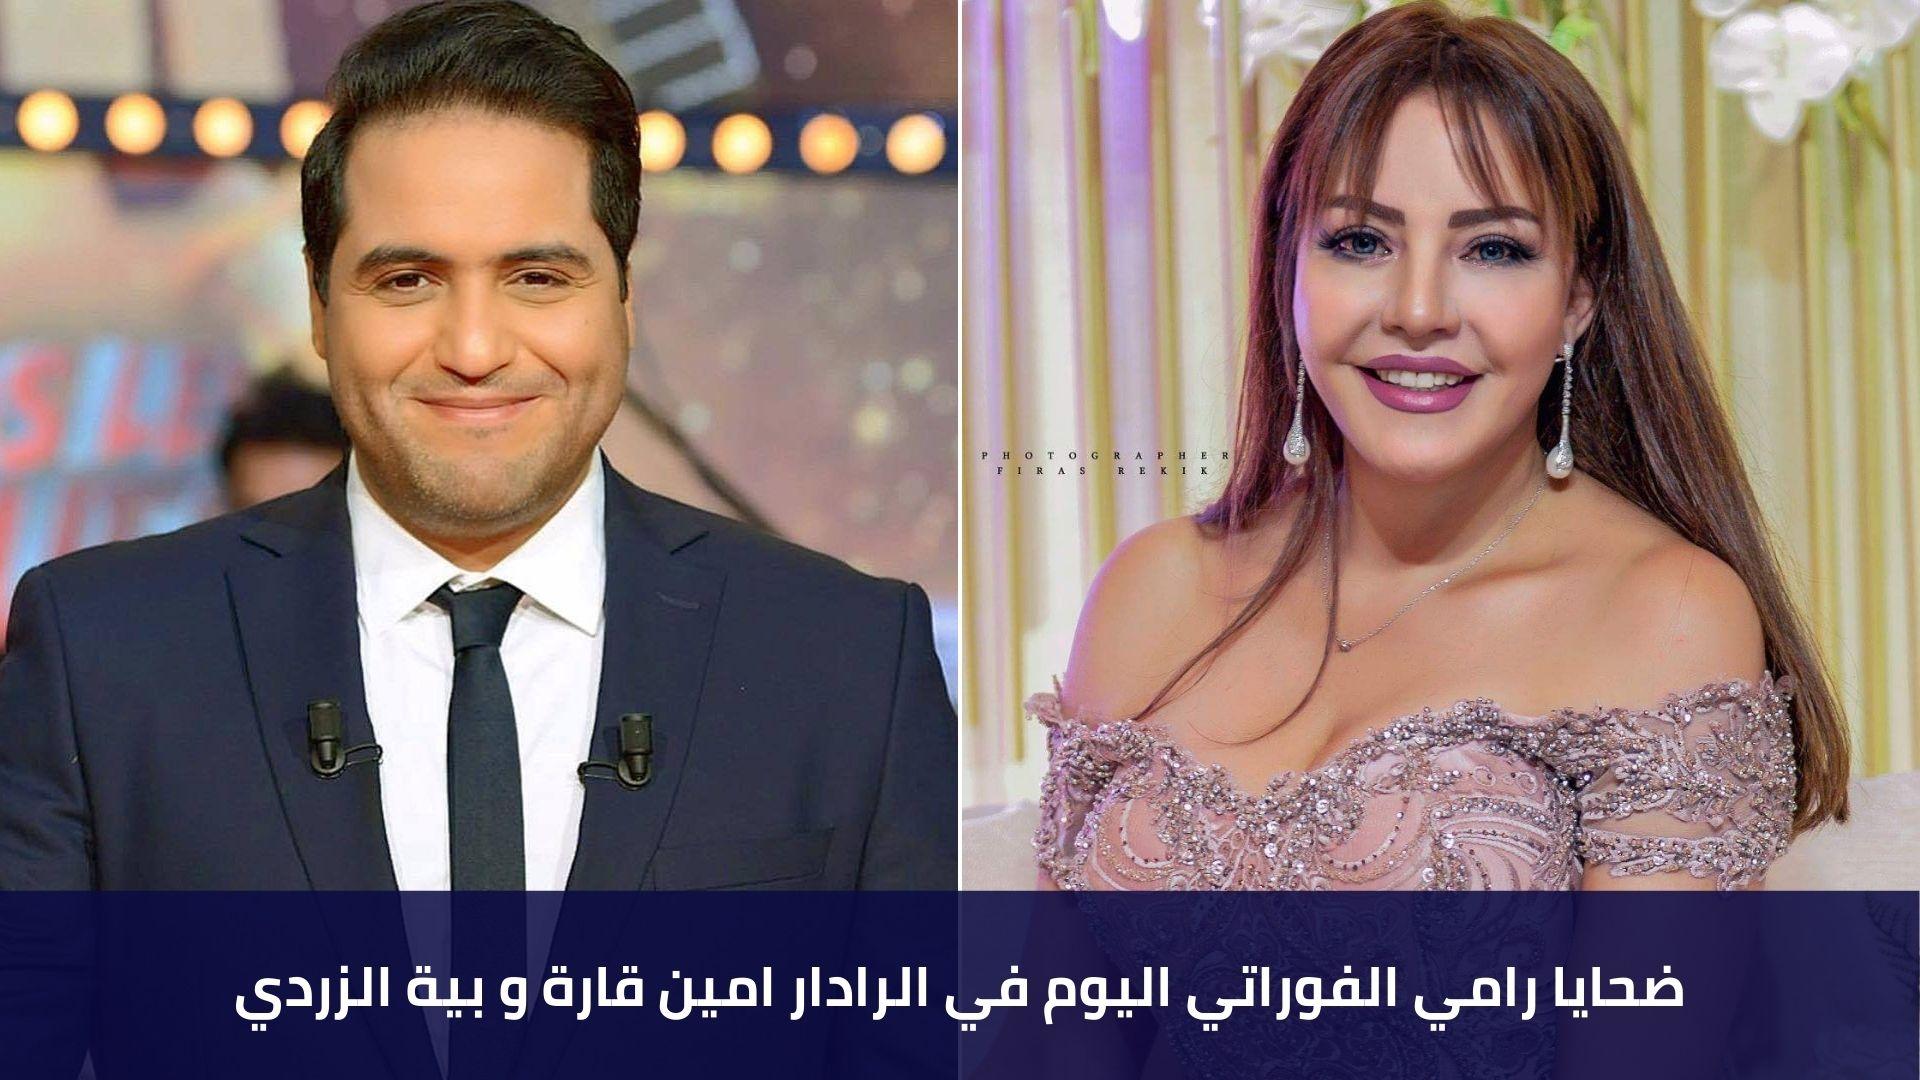 ضحايا رامي الفوراتي اليوم في الرادار امين قارة و بية الزردي